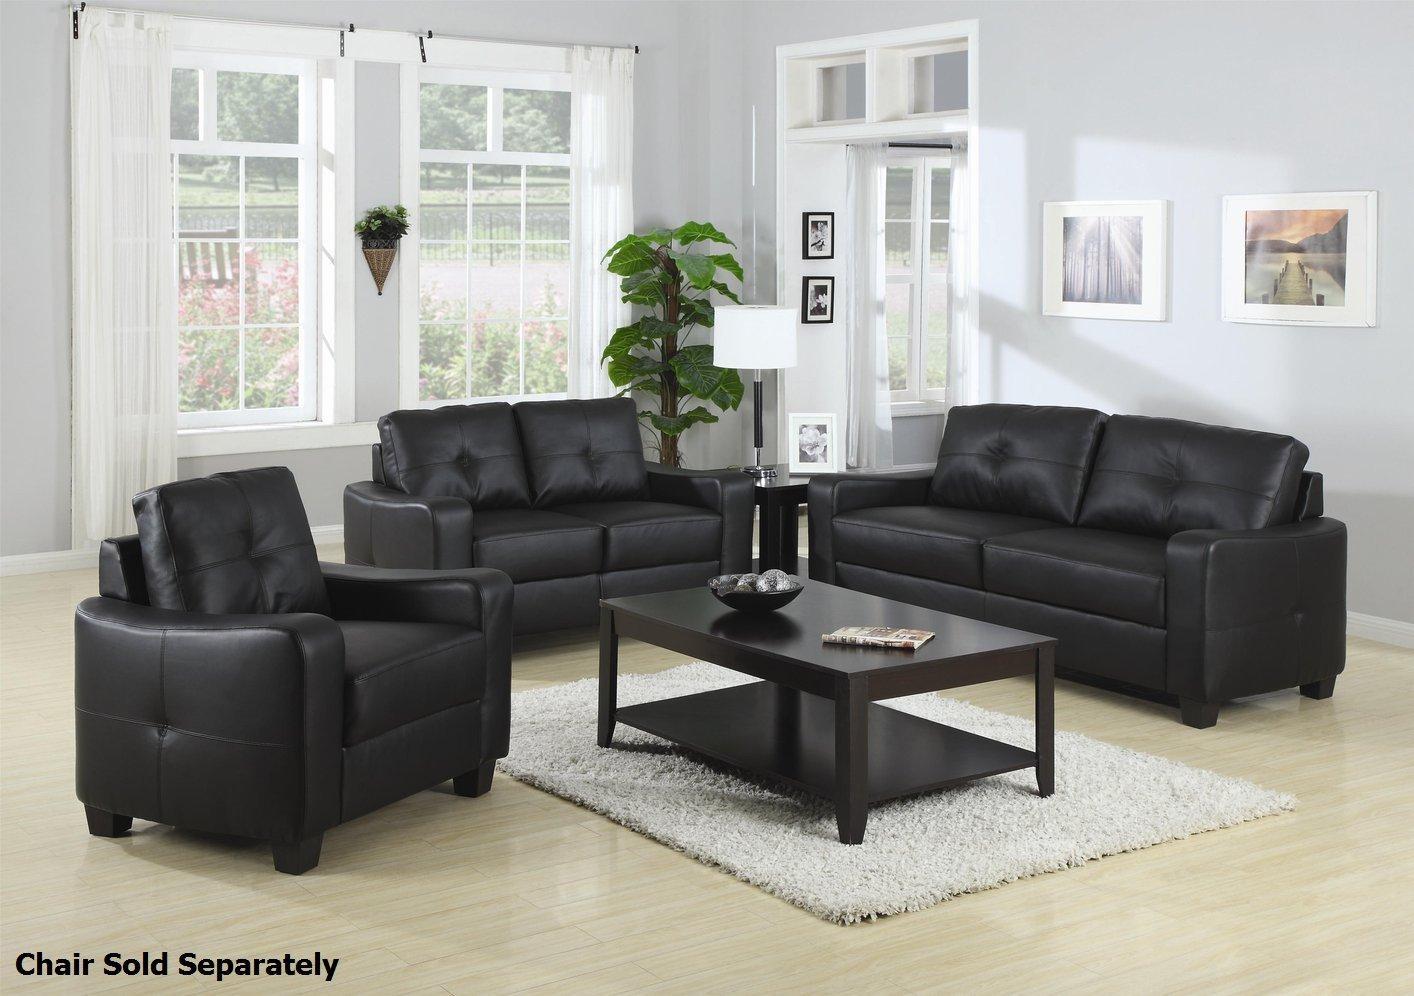 Jasmine Black Leather Sofa And Loveseat Set - Steal-A-Sofa in Black Leather Sofas and Loveseats